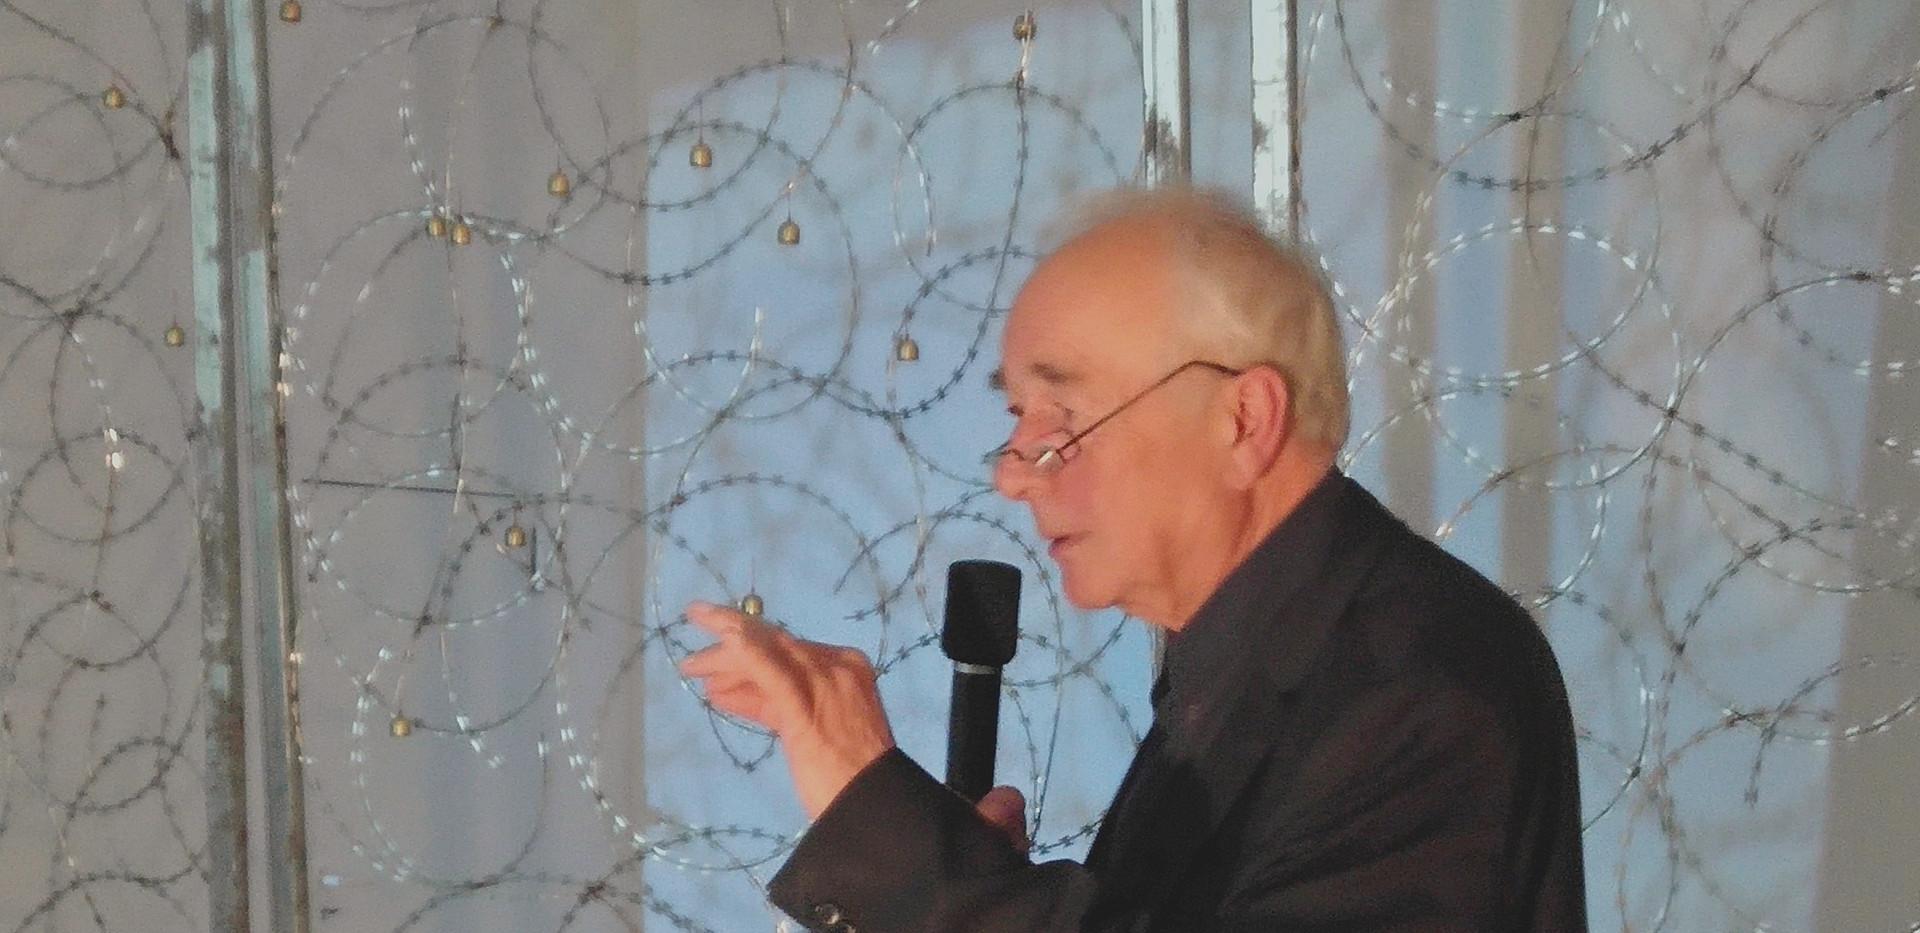 Kurator Dieter Ronte